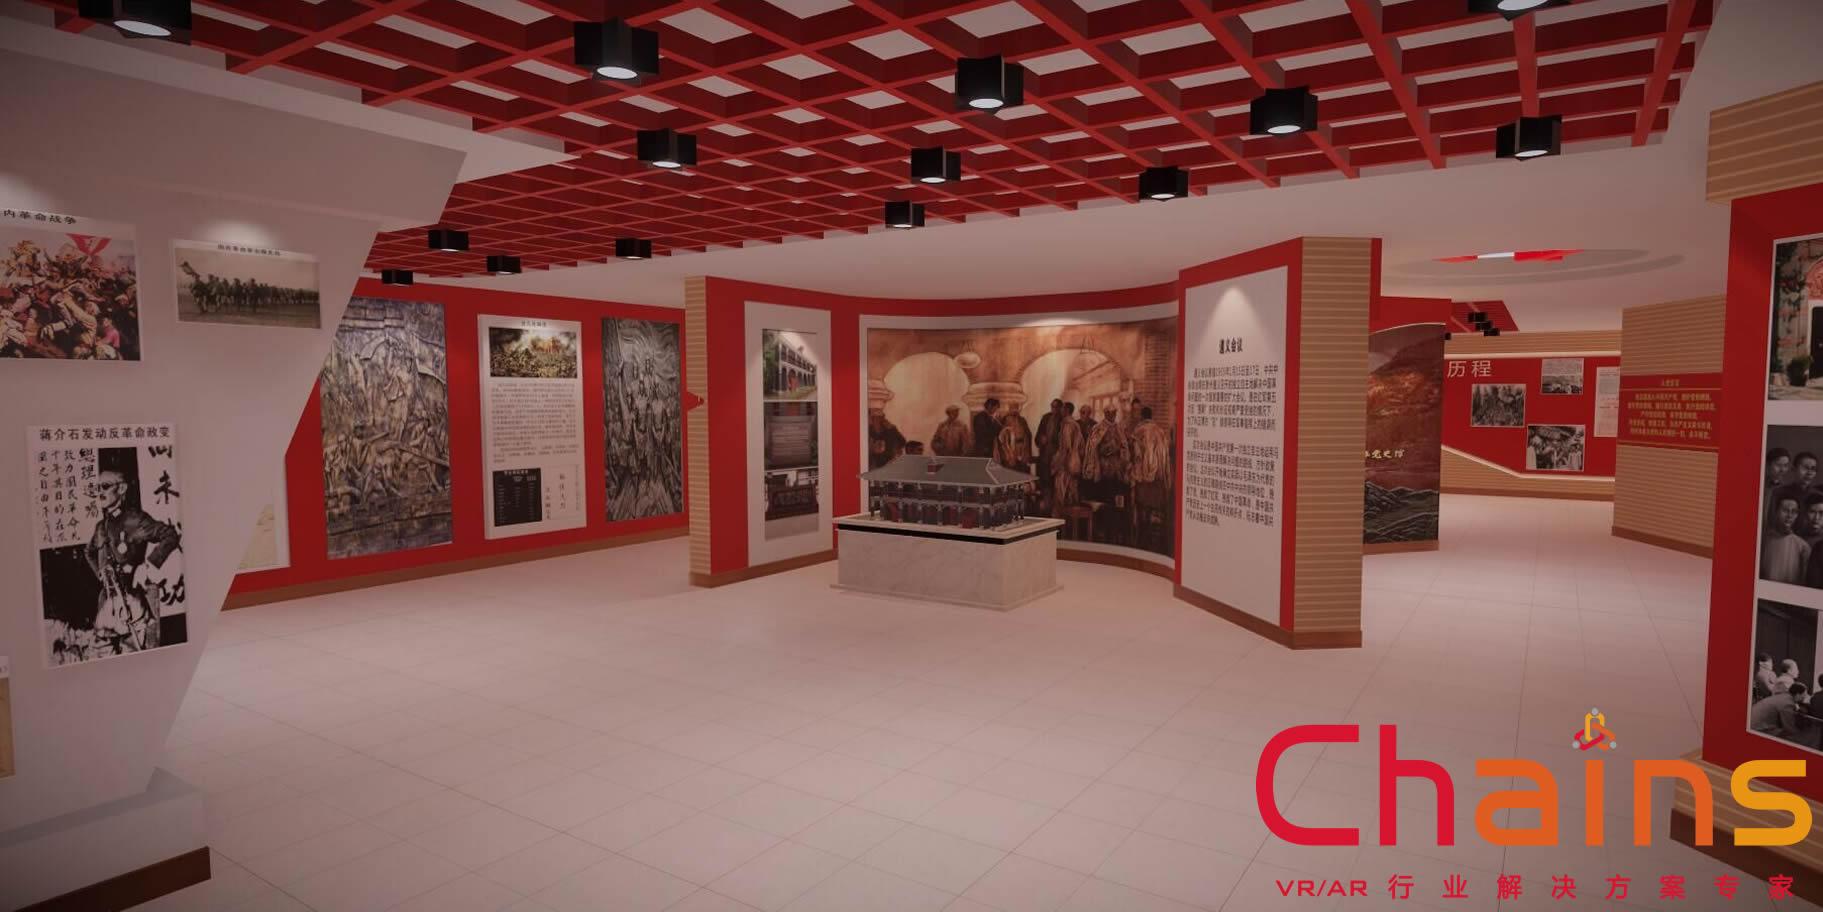 深圳城市规划展示馆 深圳虚拟现实公司 vr虚拟现实展馆 前沿